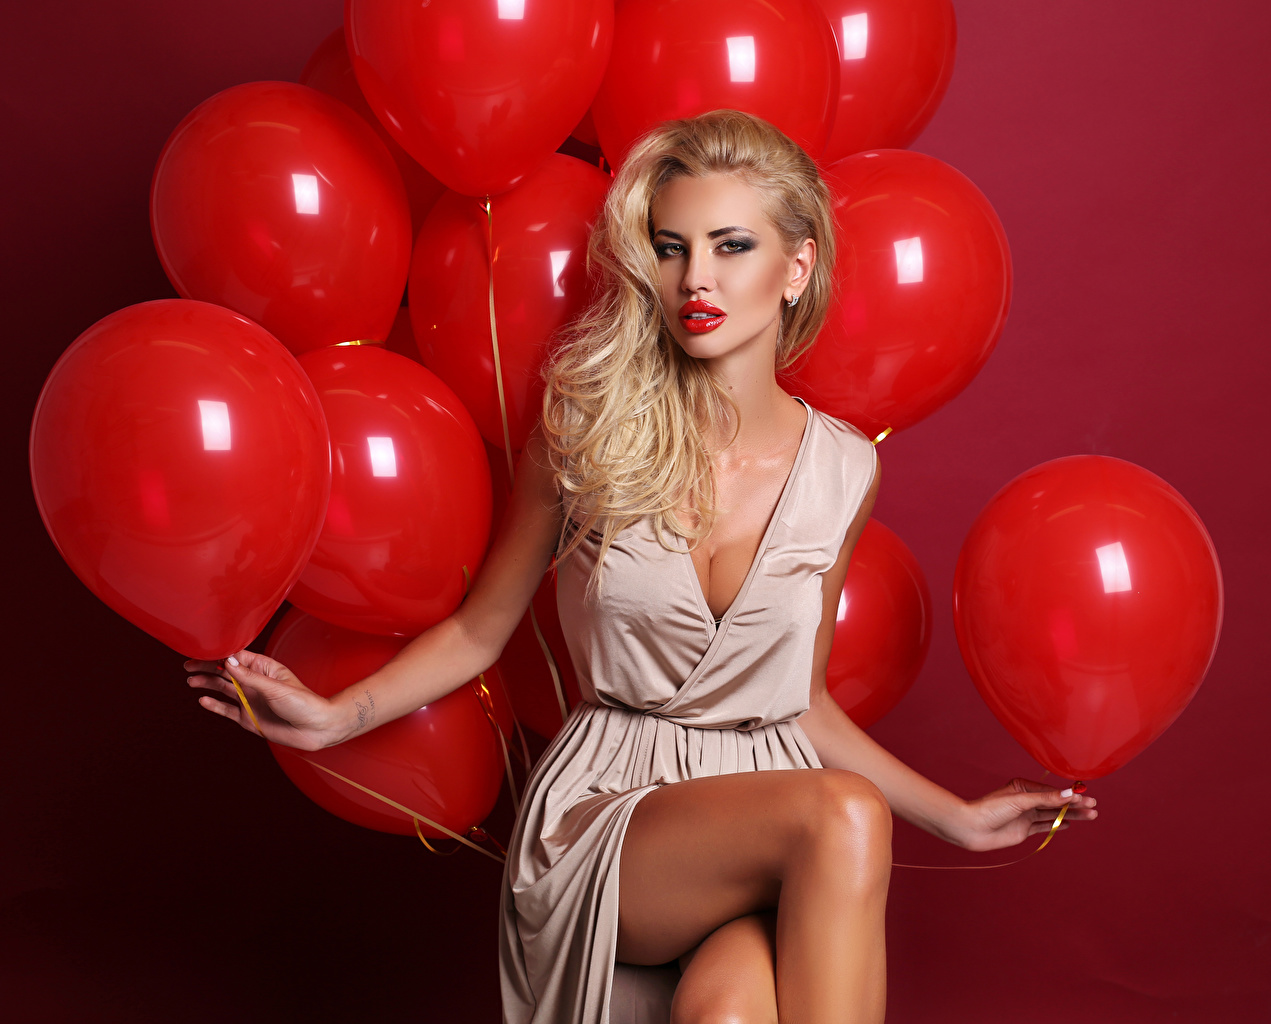 Фотографии блондинки воздушным шариком красная молодая женщина рука Сидит смотрят красном фоне блондинок Блондинка Воздушный шарик воздушные шарики воздушных шариков Девушки девушка красных Красный красные молодые женщины Руки сидя сидящие Взгляд смотрит Красный фон